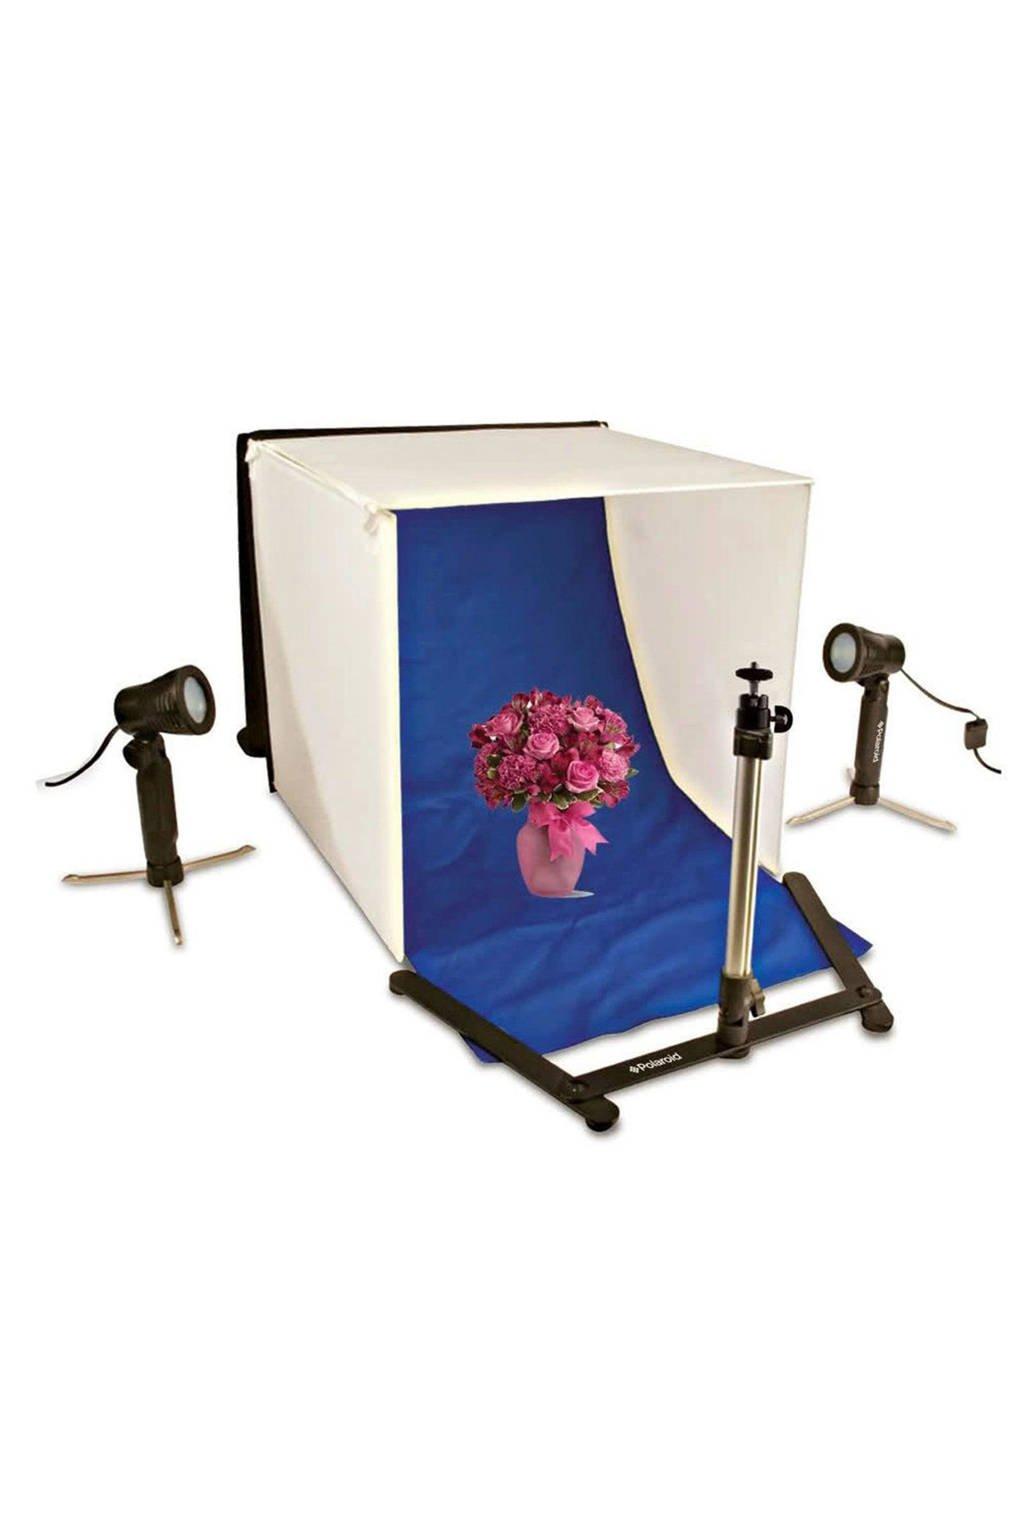 Polaroid Portable Studio Kit Photo